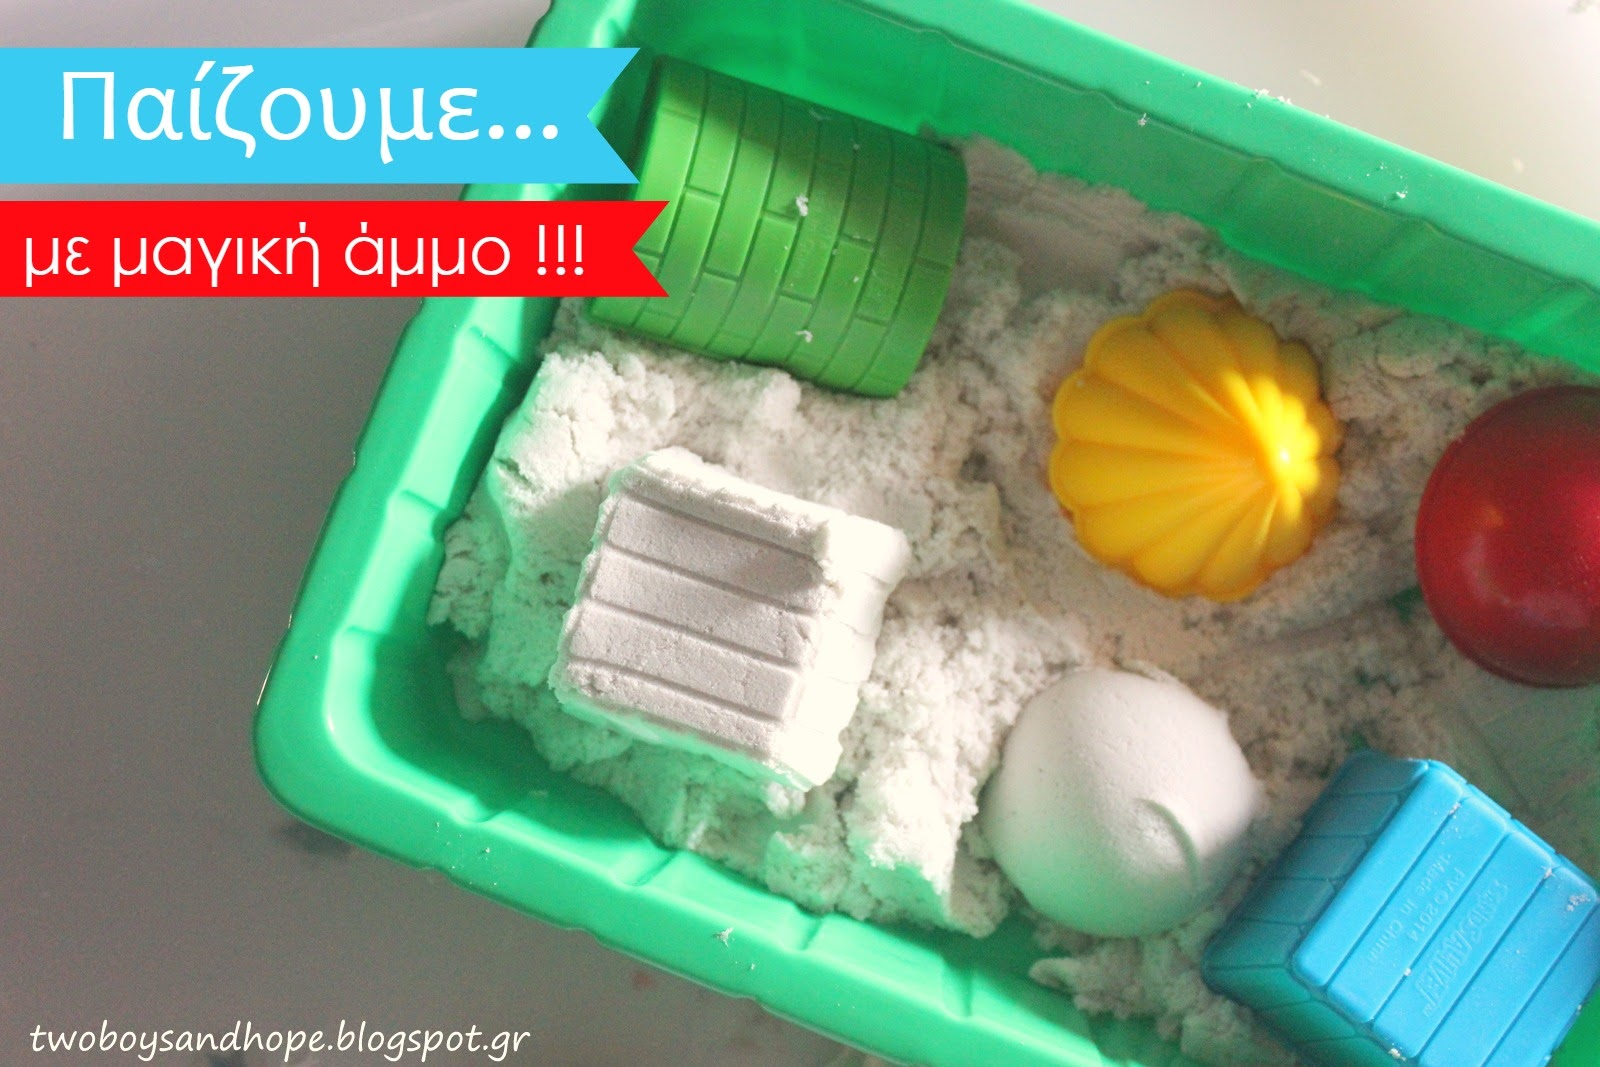 Παίζουμε… με μαγική άμμο !!!